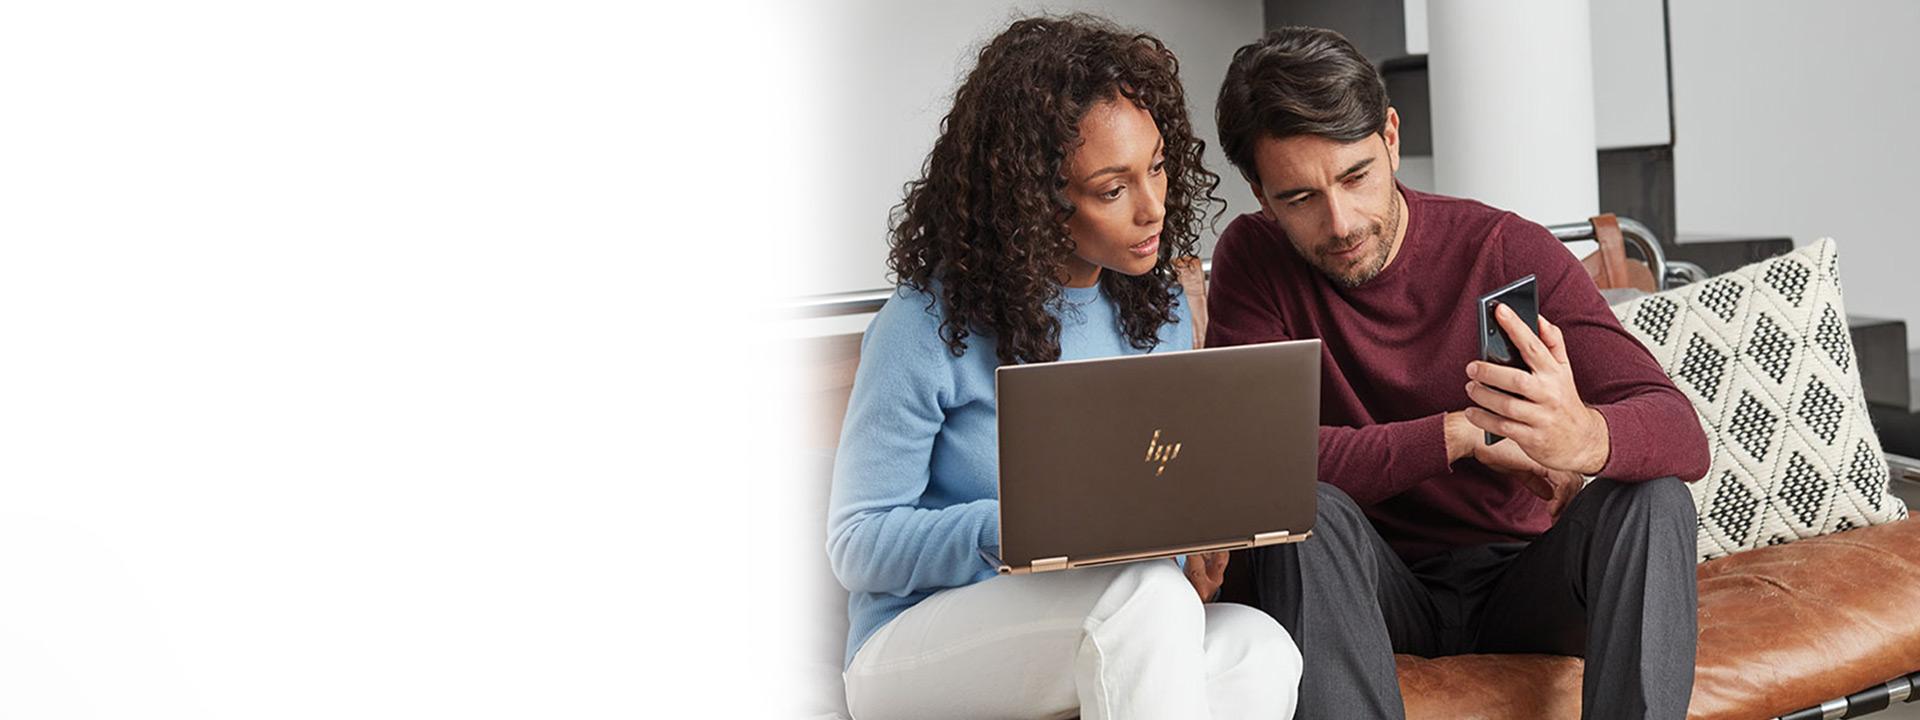 Người phụ nữ và người đàn ông cùng ngồi trên đi văng nhìn vào máy tính xách tay Windows 10 và thiết bị di động